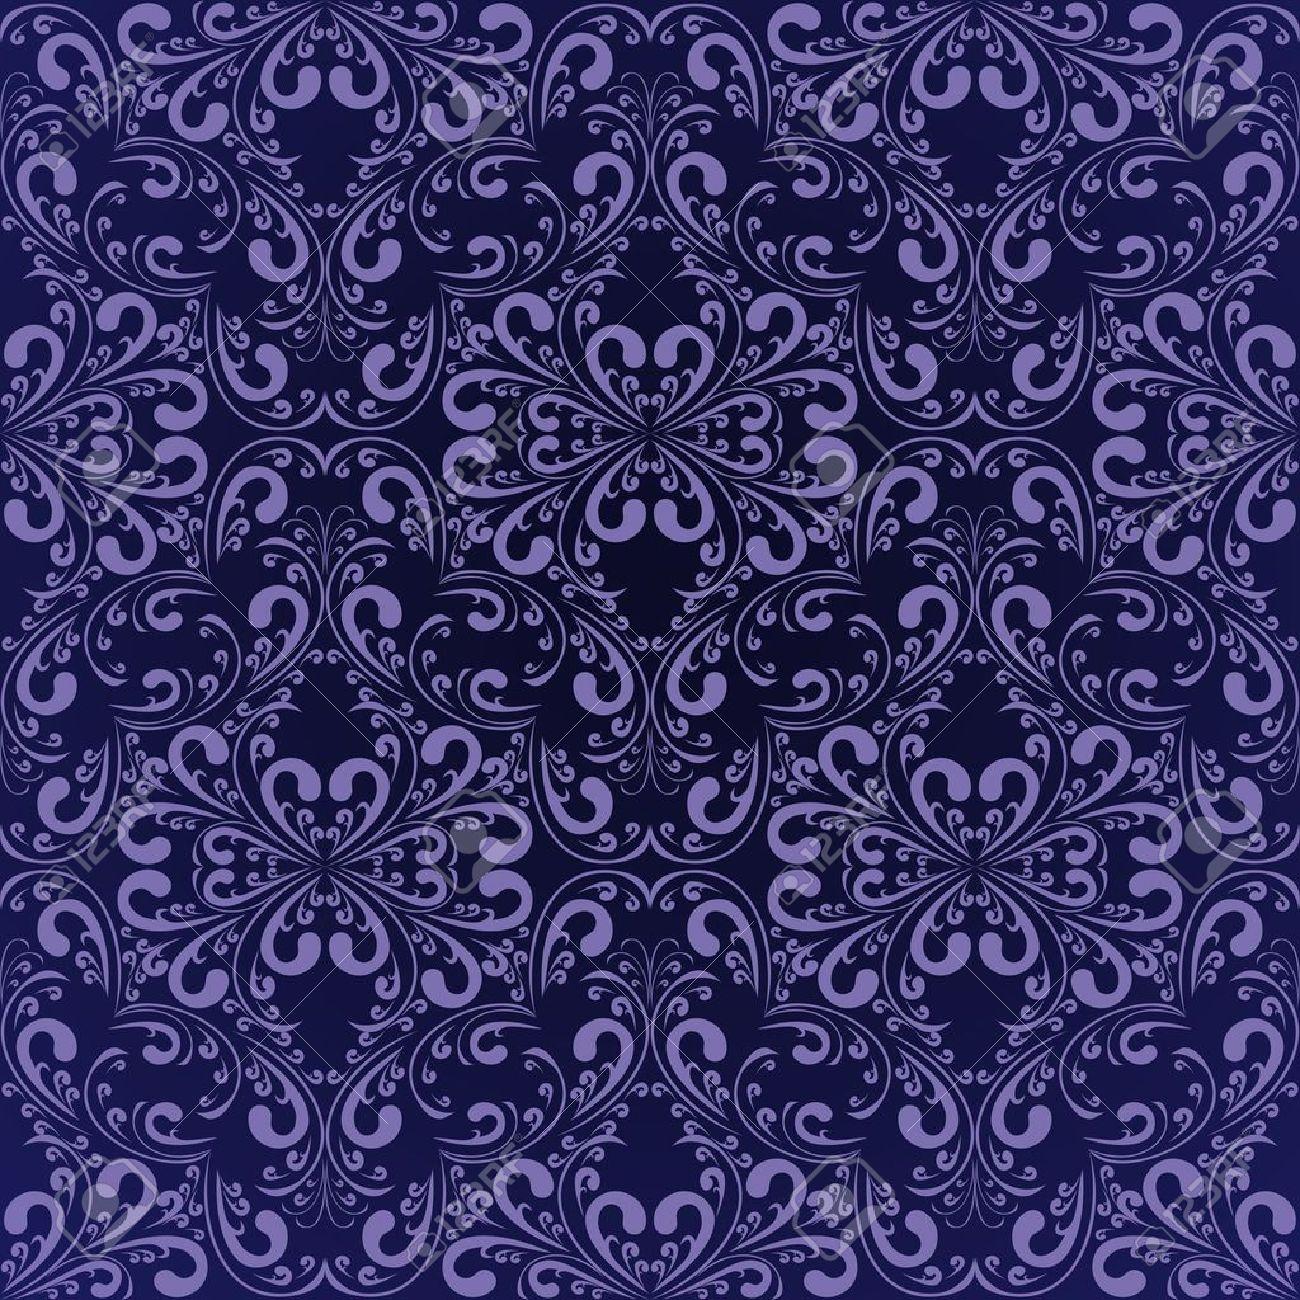 Navy blue wallpaper - 12964237